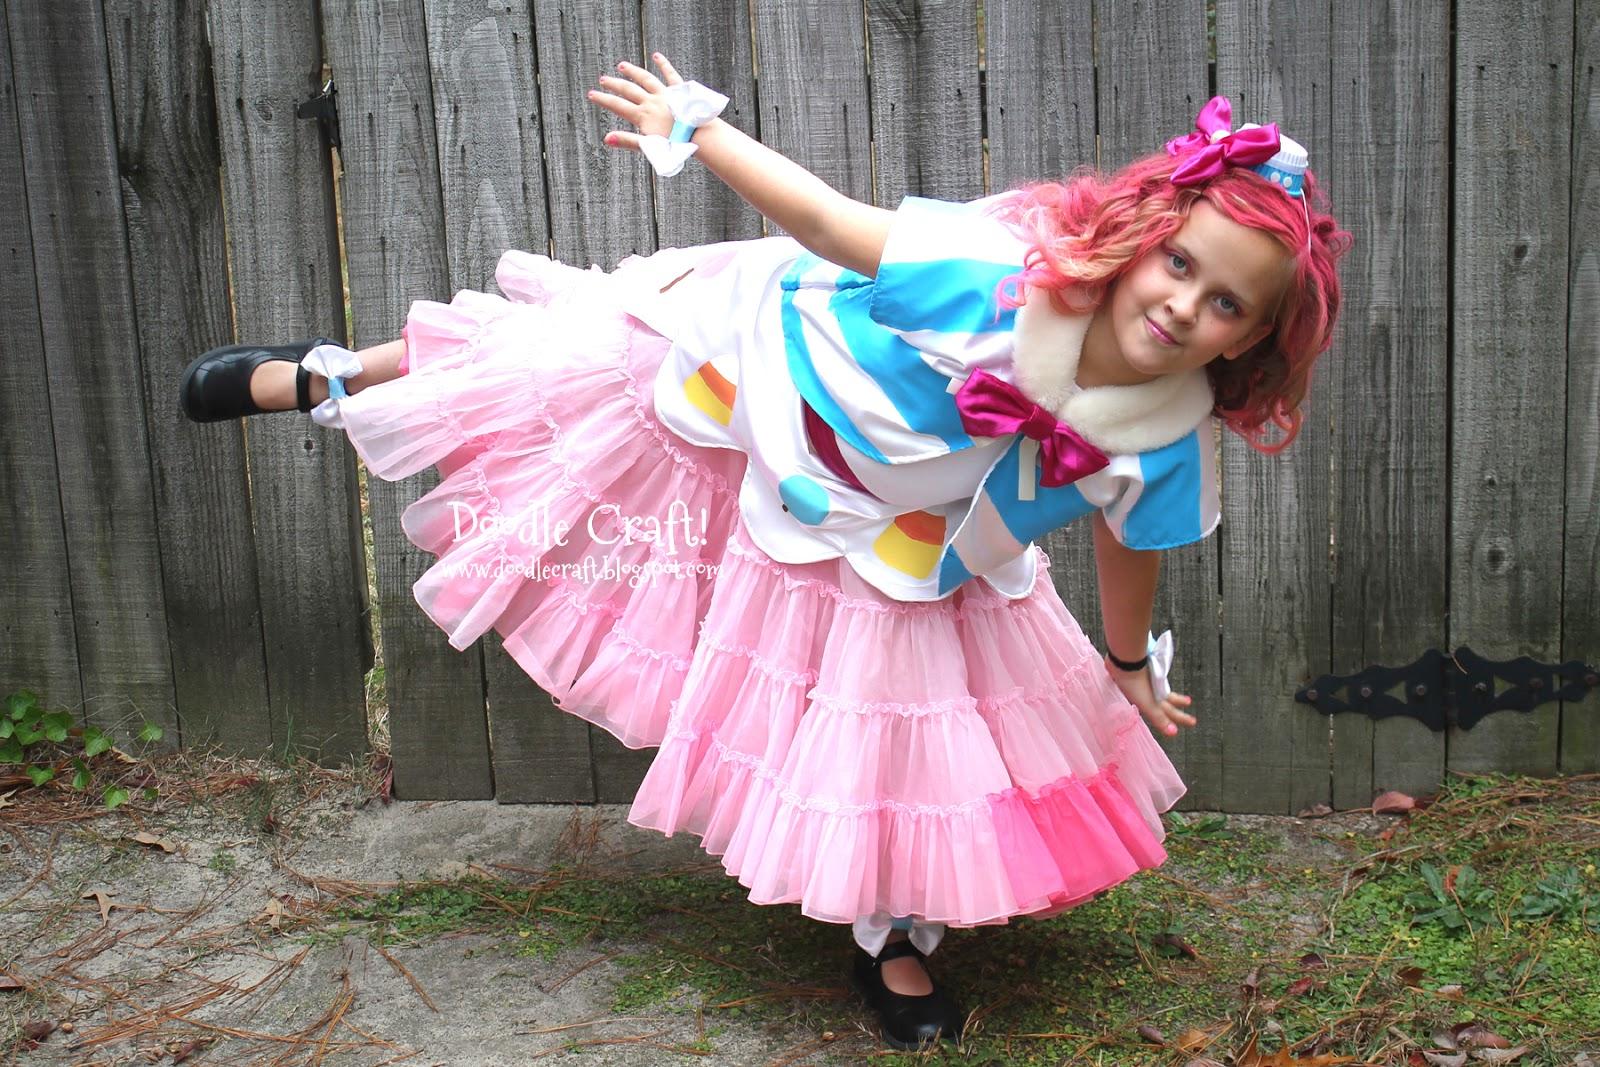 Doodlecraft My Little Pony Pinkie Pie Gala Cosplay Dress